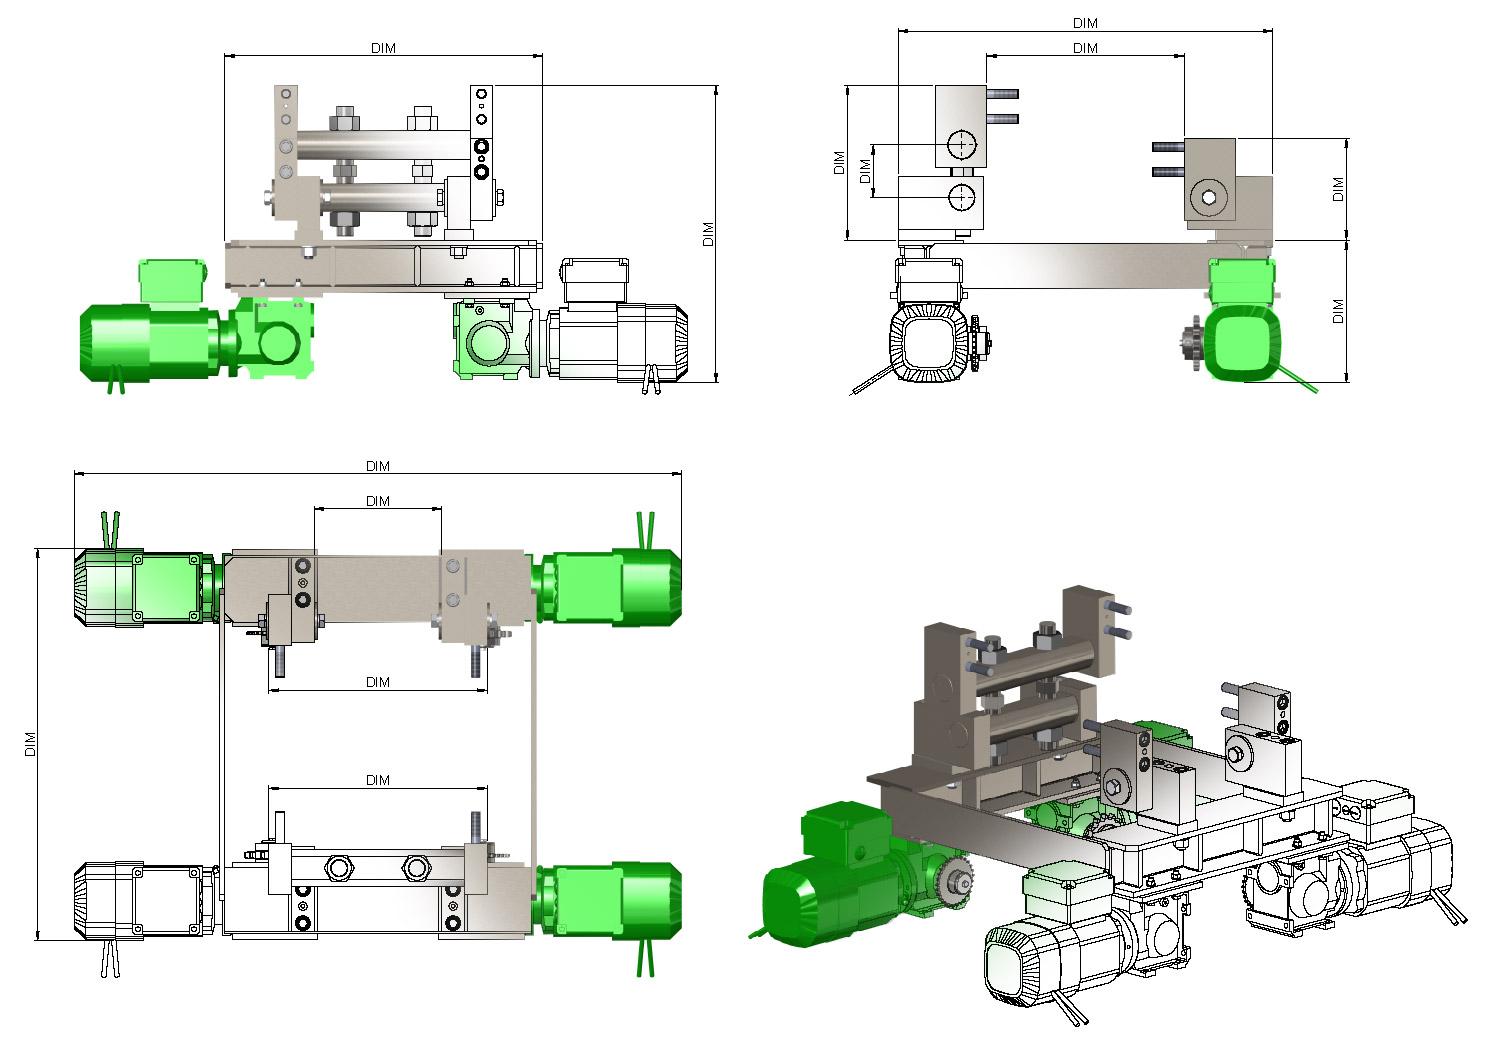 Uniwersalna stacja napędowa - szkice i rendery